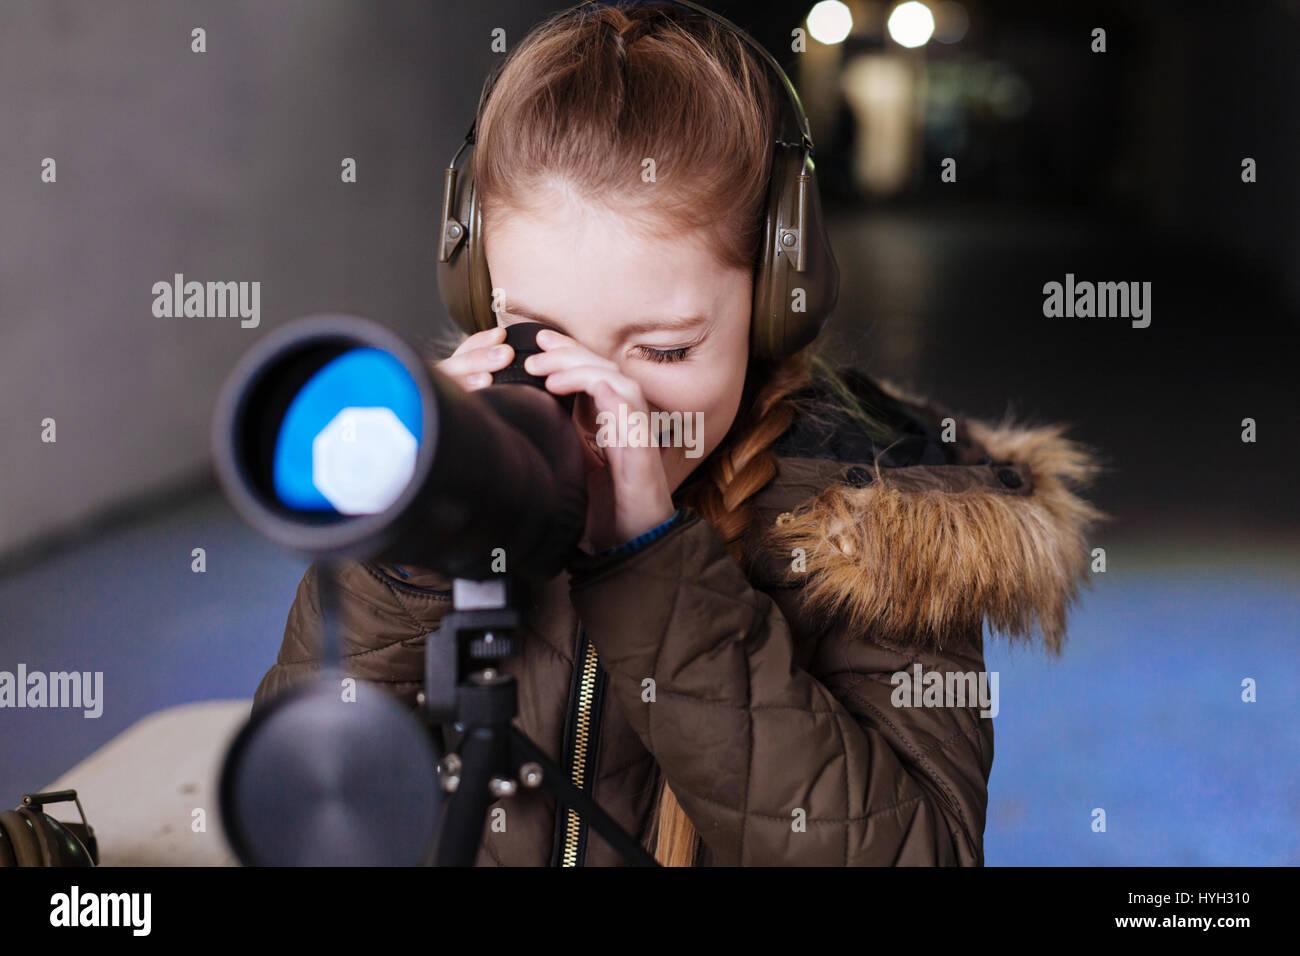 Nice cheerful girl wearing headphones - Stock Image